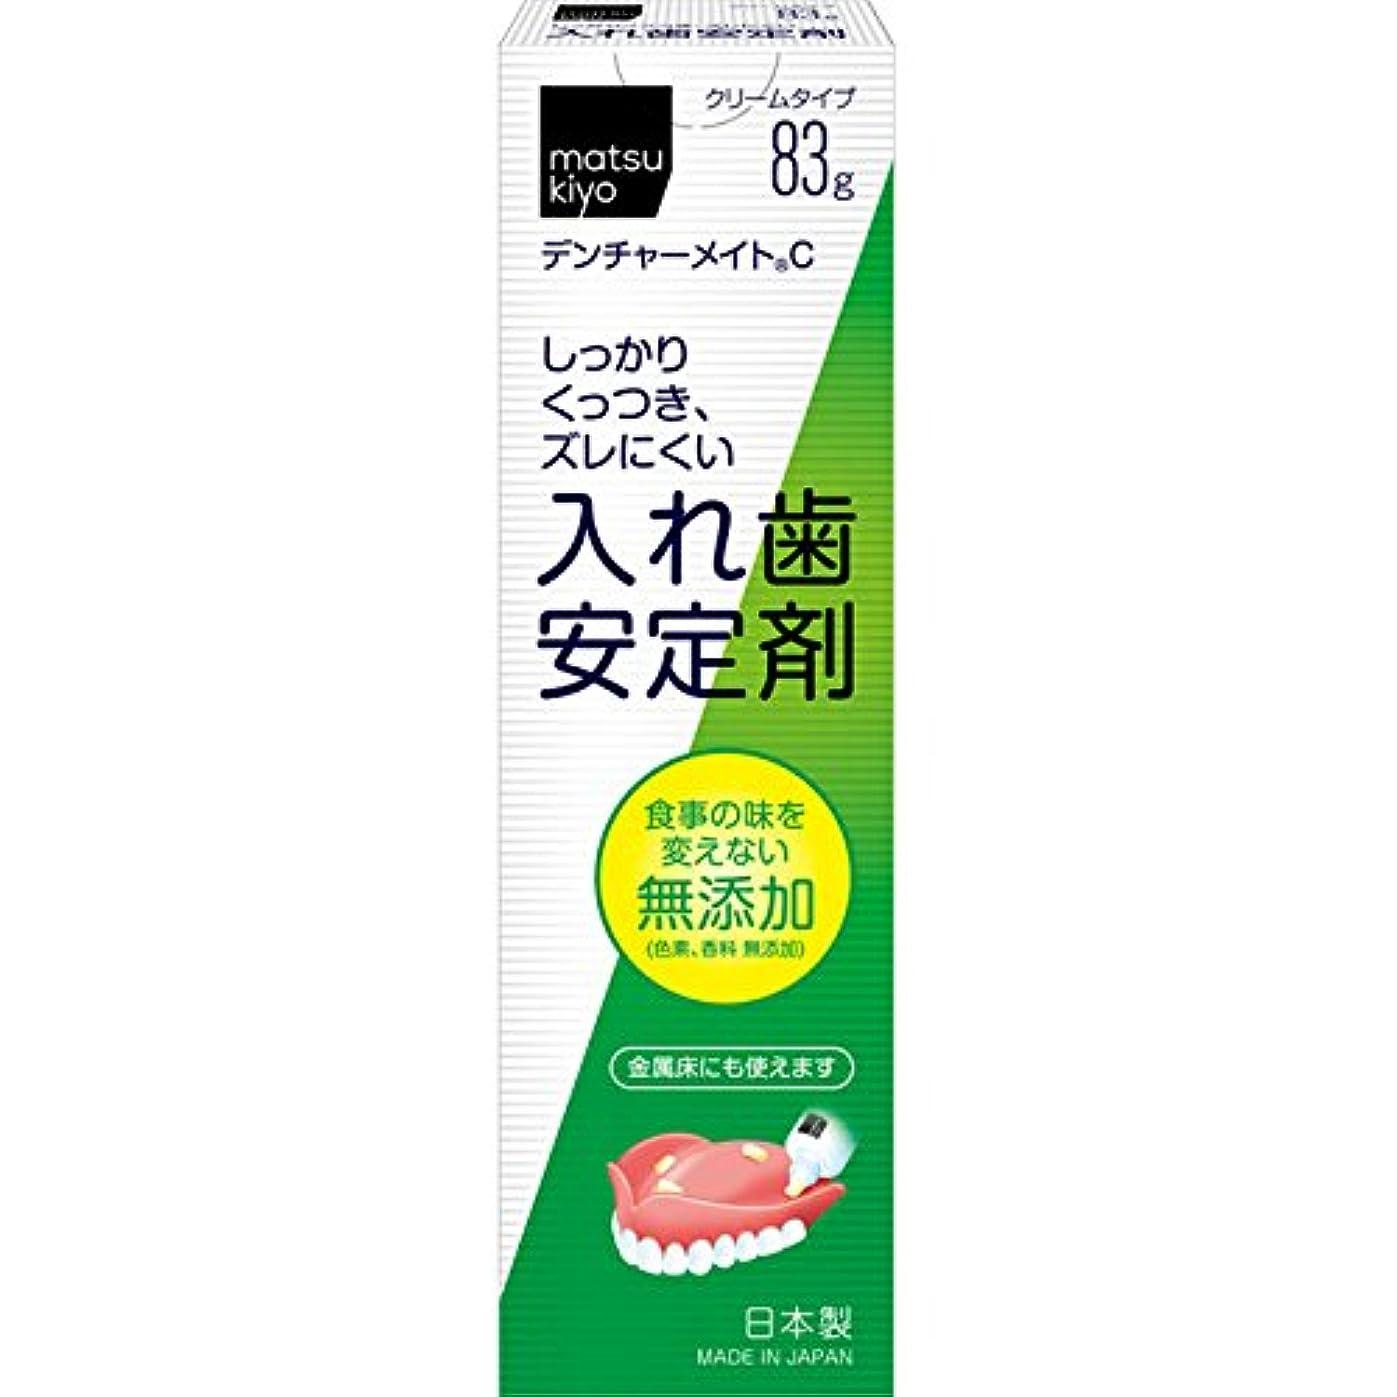 最近モノグラフ取り囲むmatsukiyo 入れ歯安定剤 無添加 83g